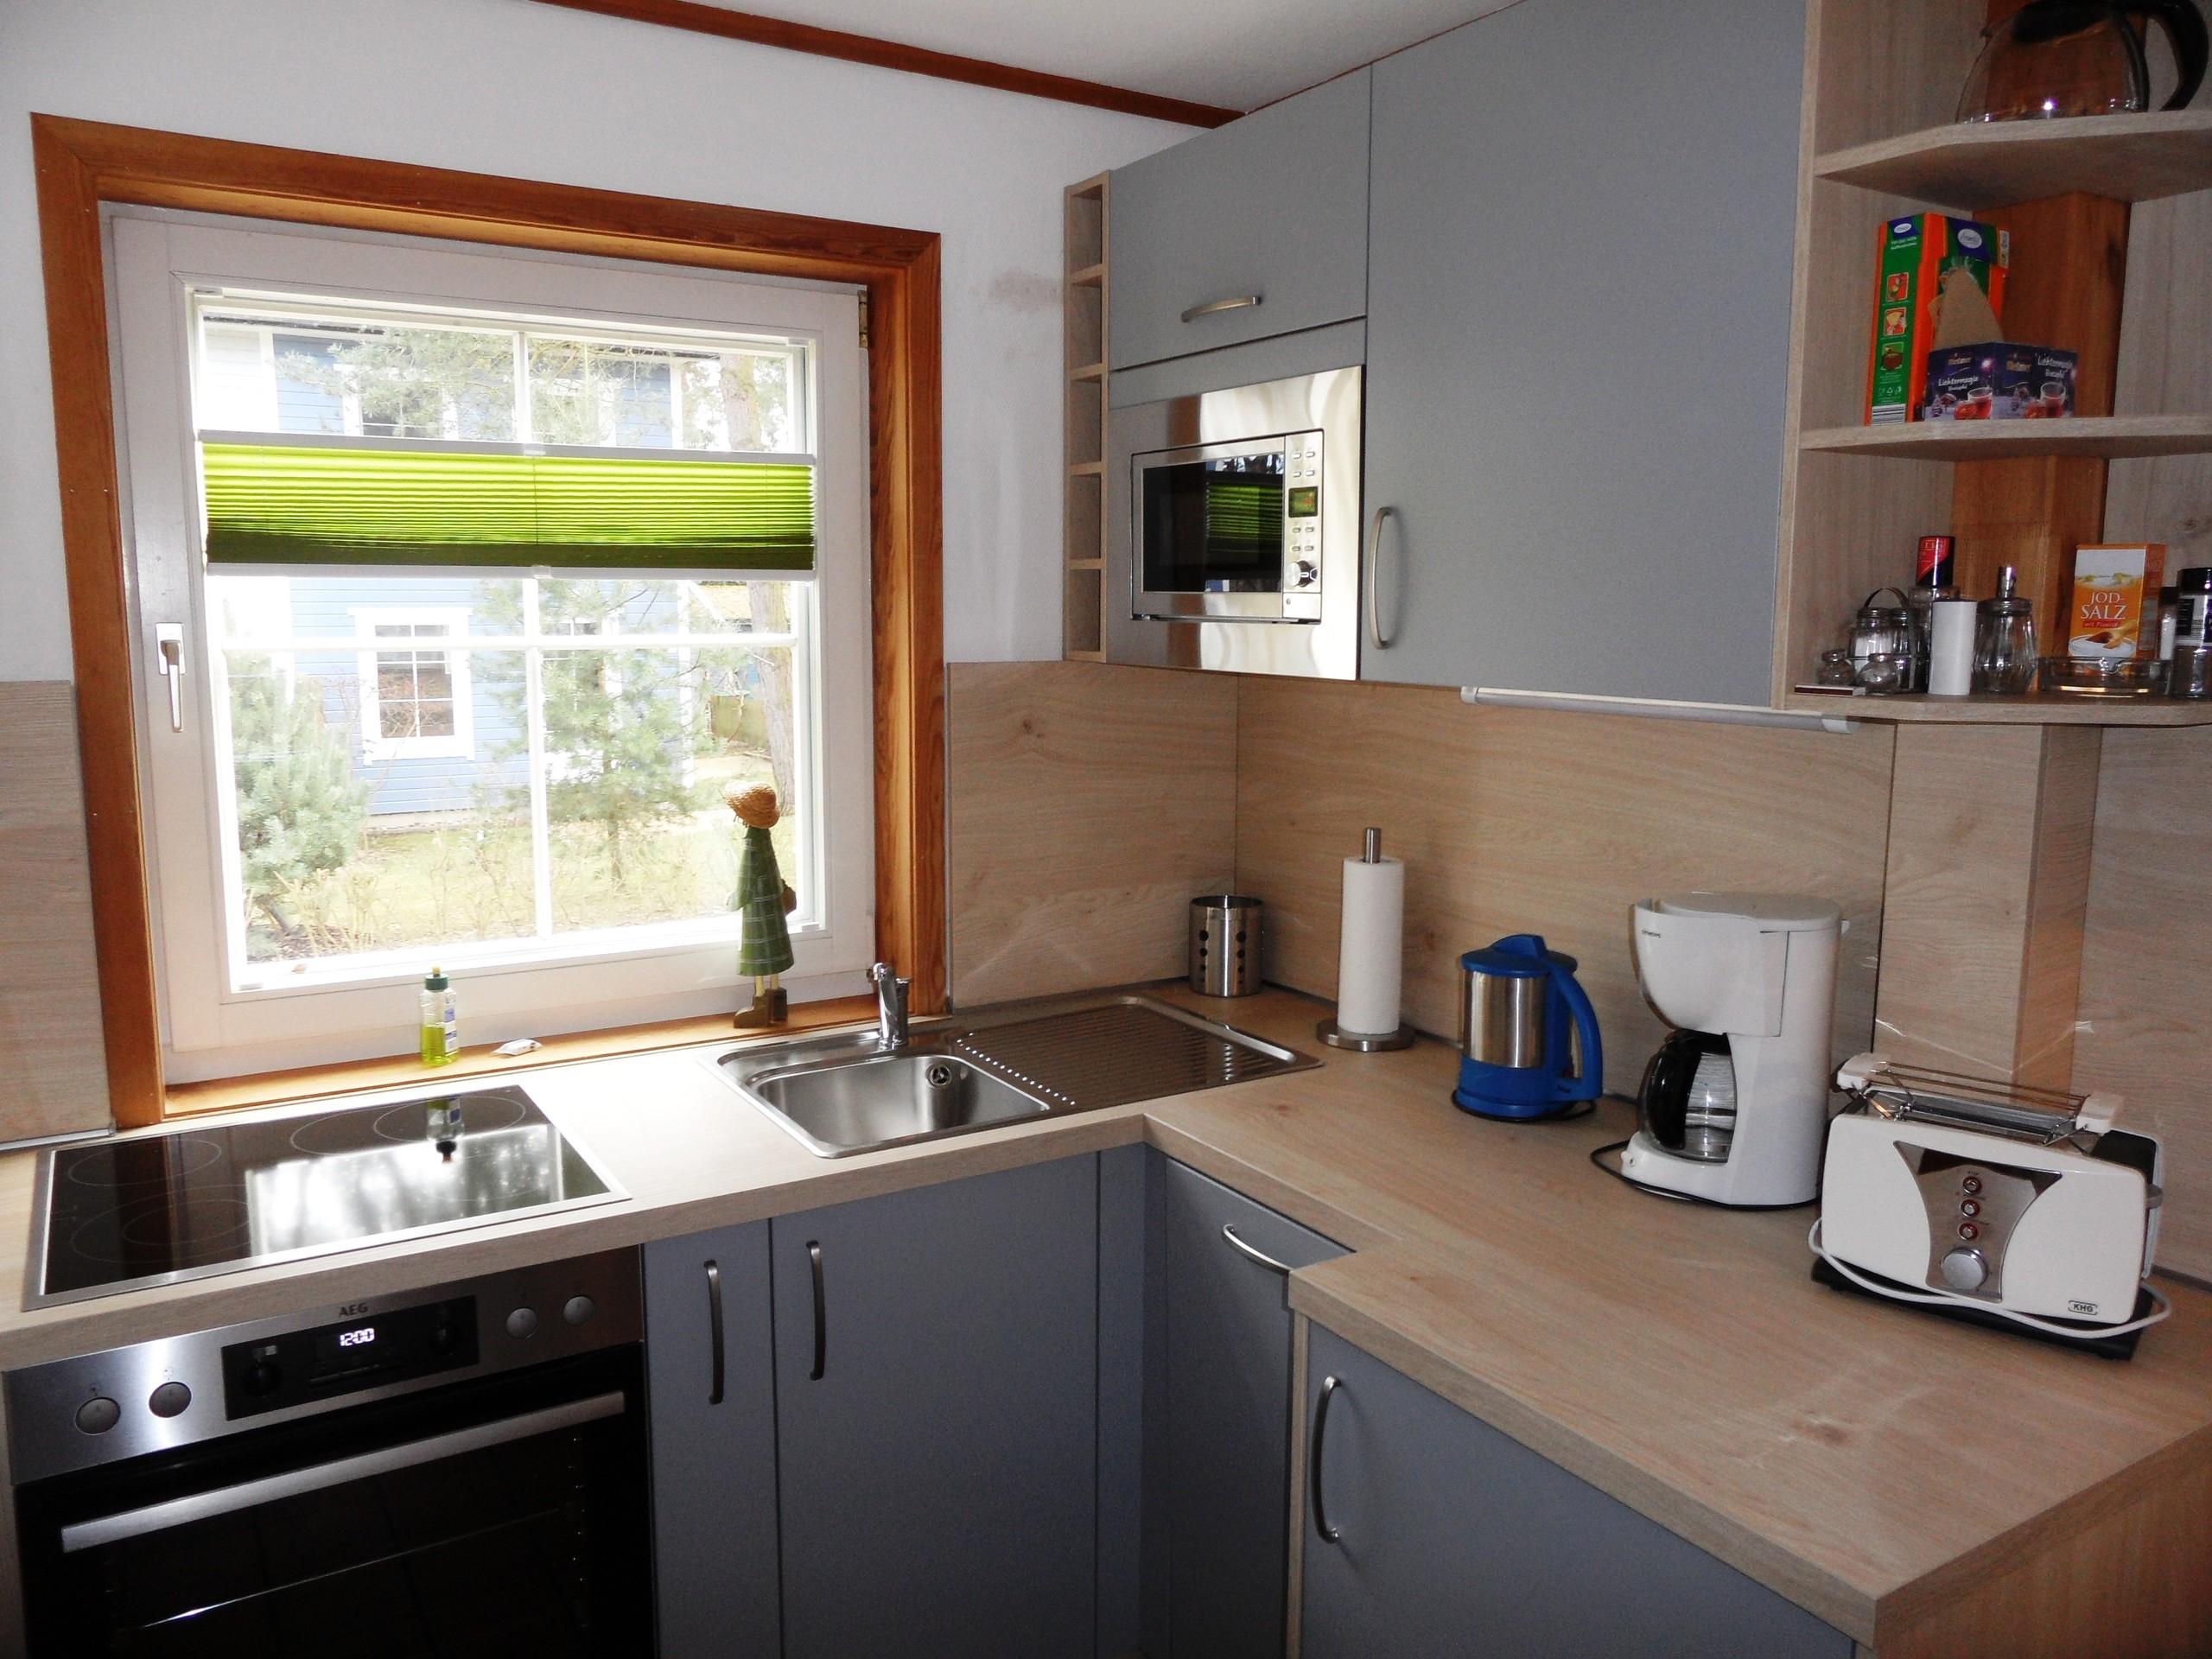 neue moderne Einbauküche